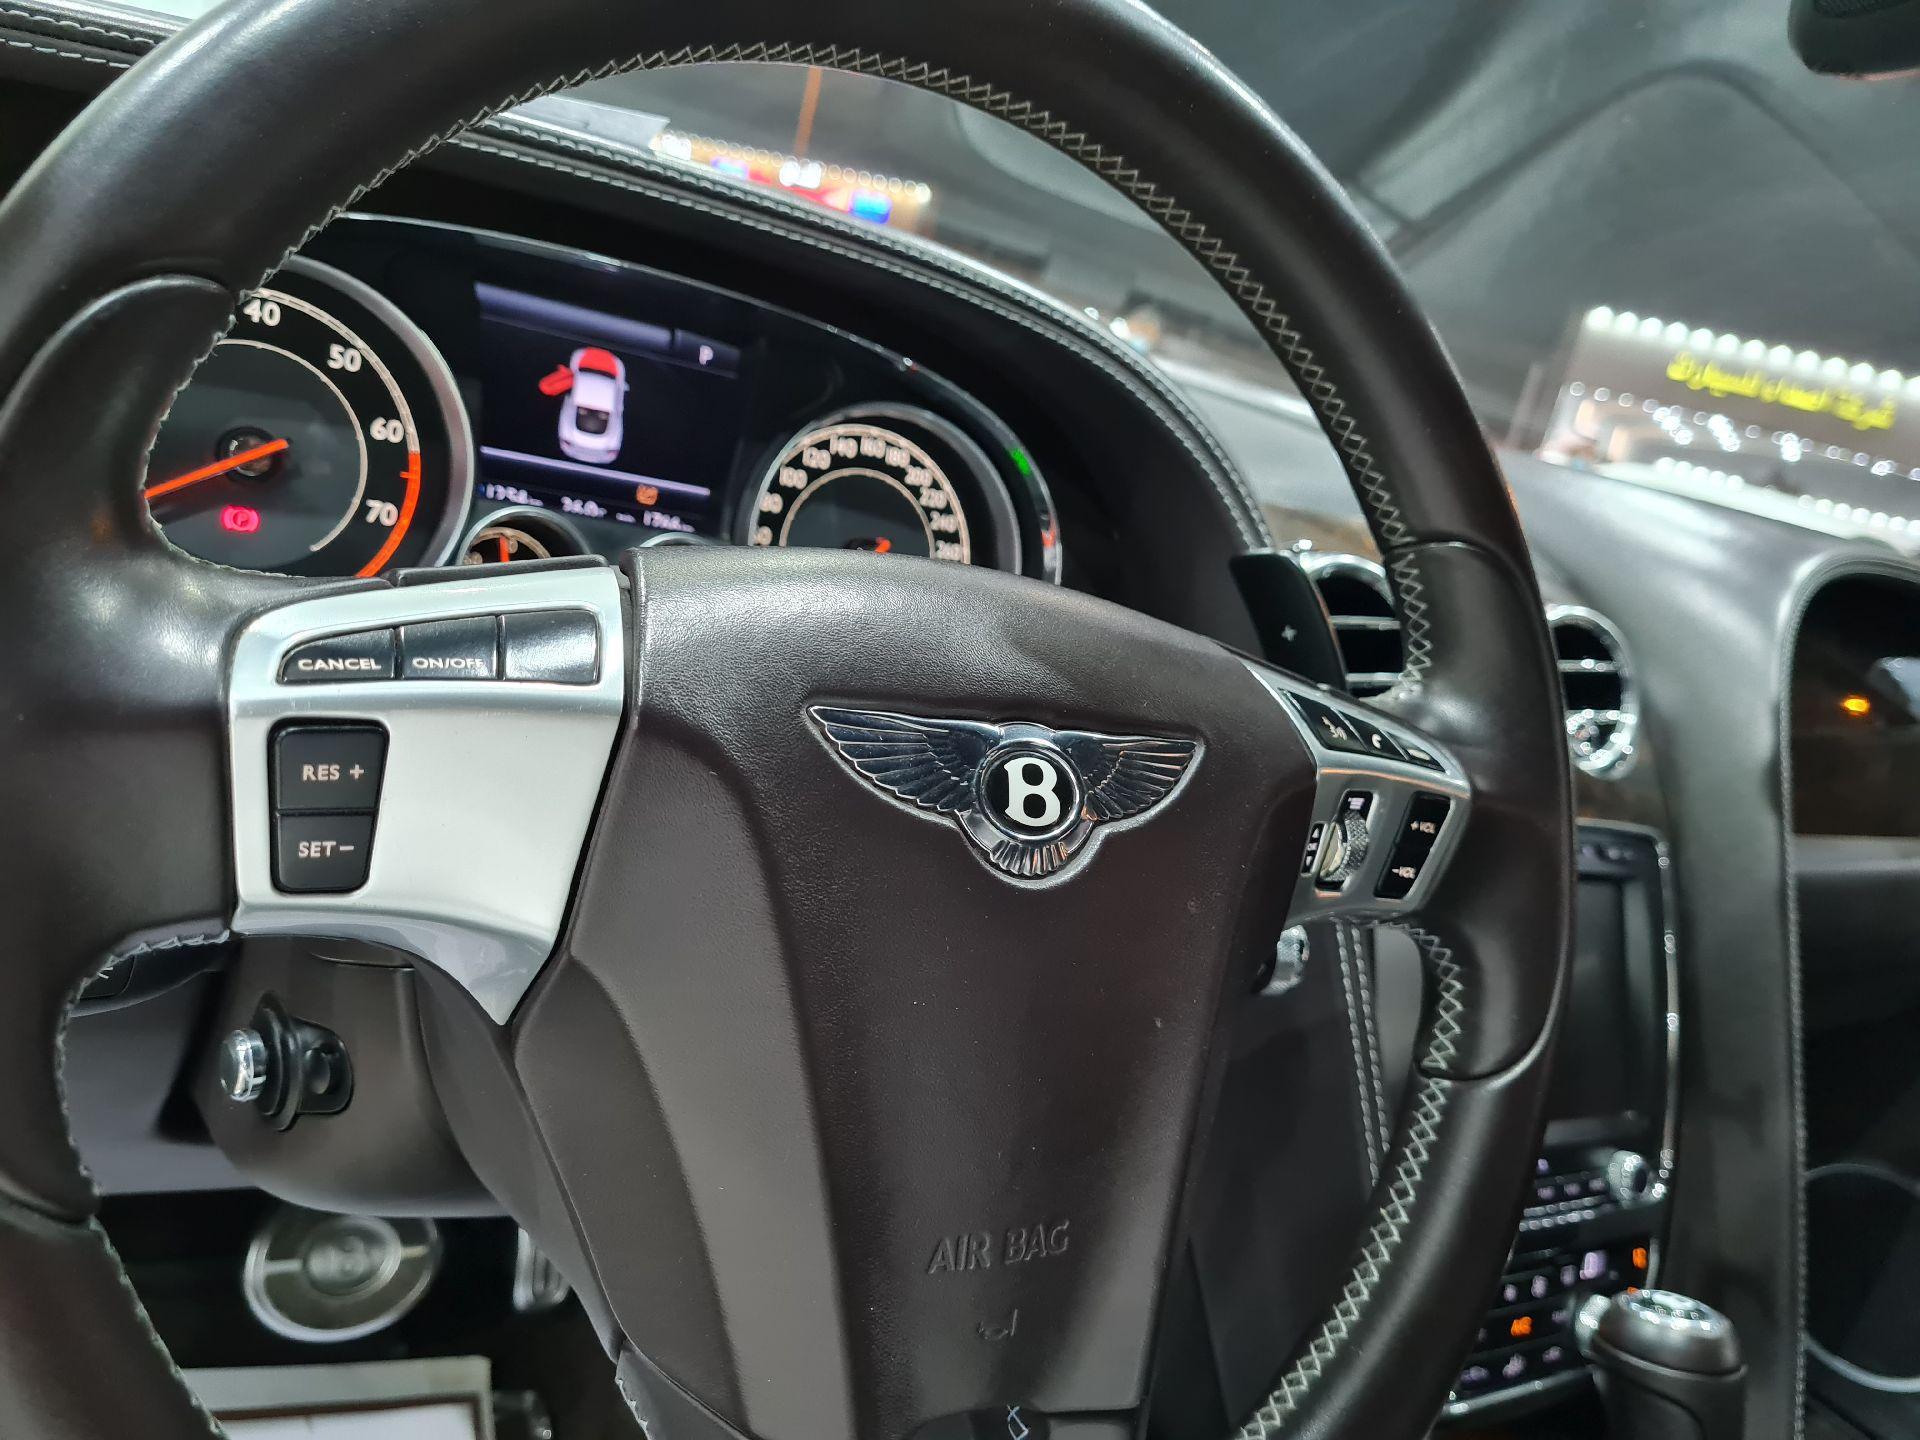 بنتلي كونتيننتال GT جي تي 2013 سعودي للبيع في الرياض - السعودية - صورة كبيرة - 12